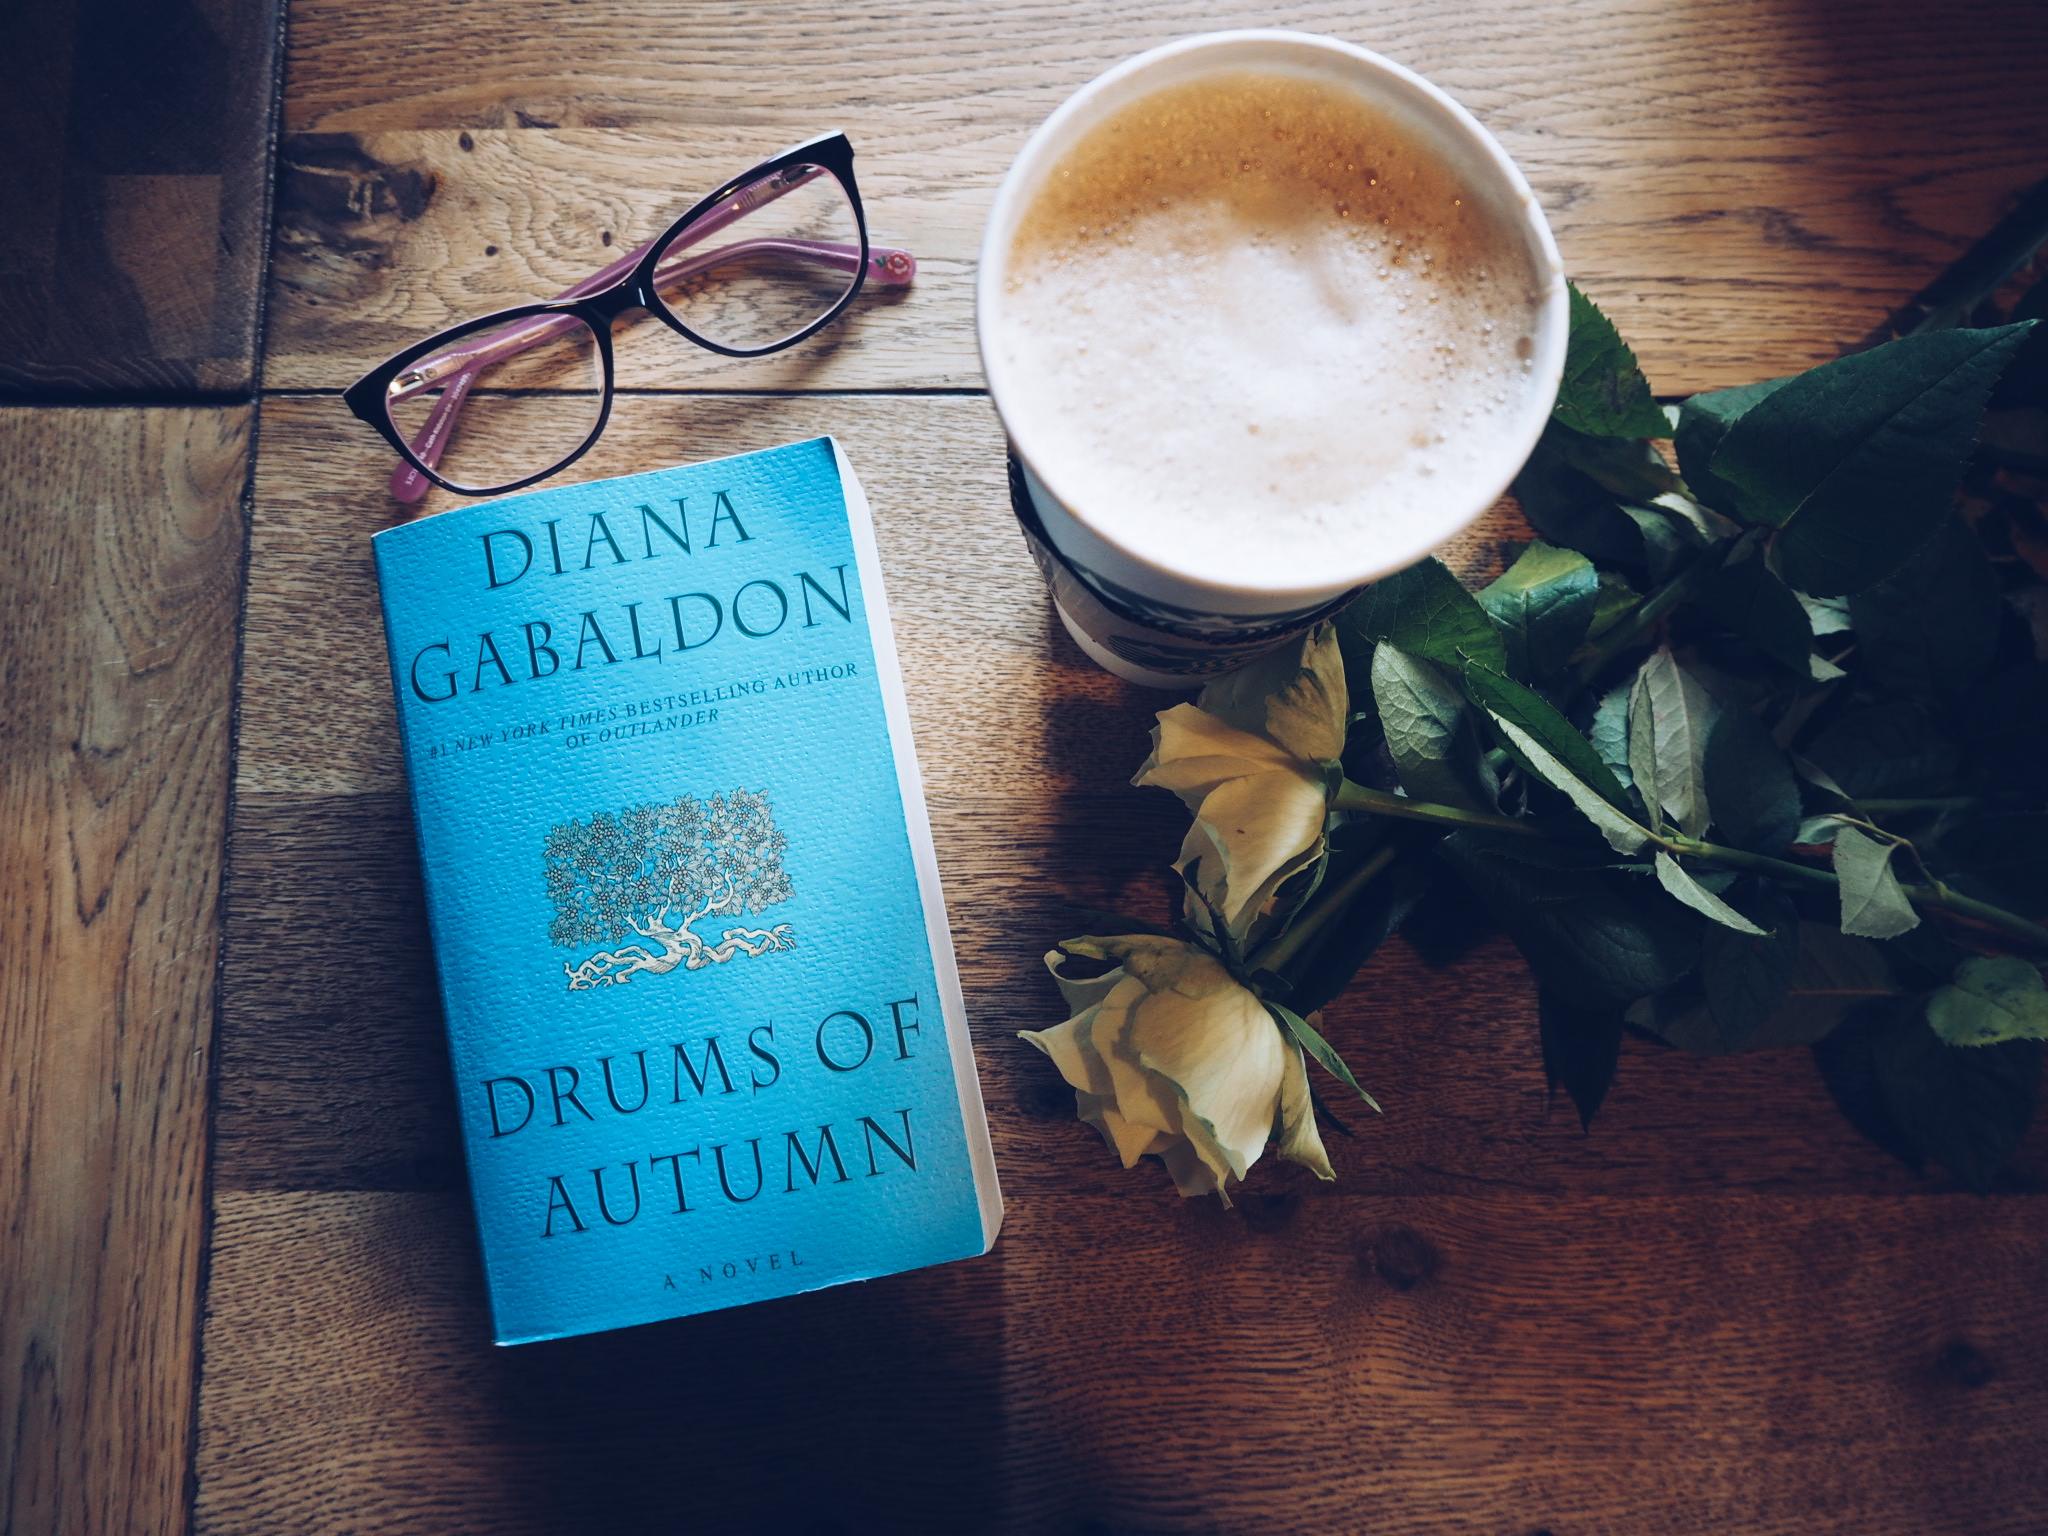 Drums Of Autumn, Diana Gabaldon